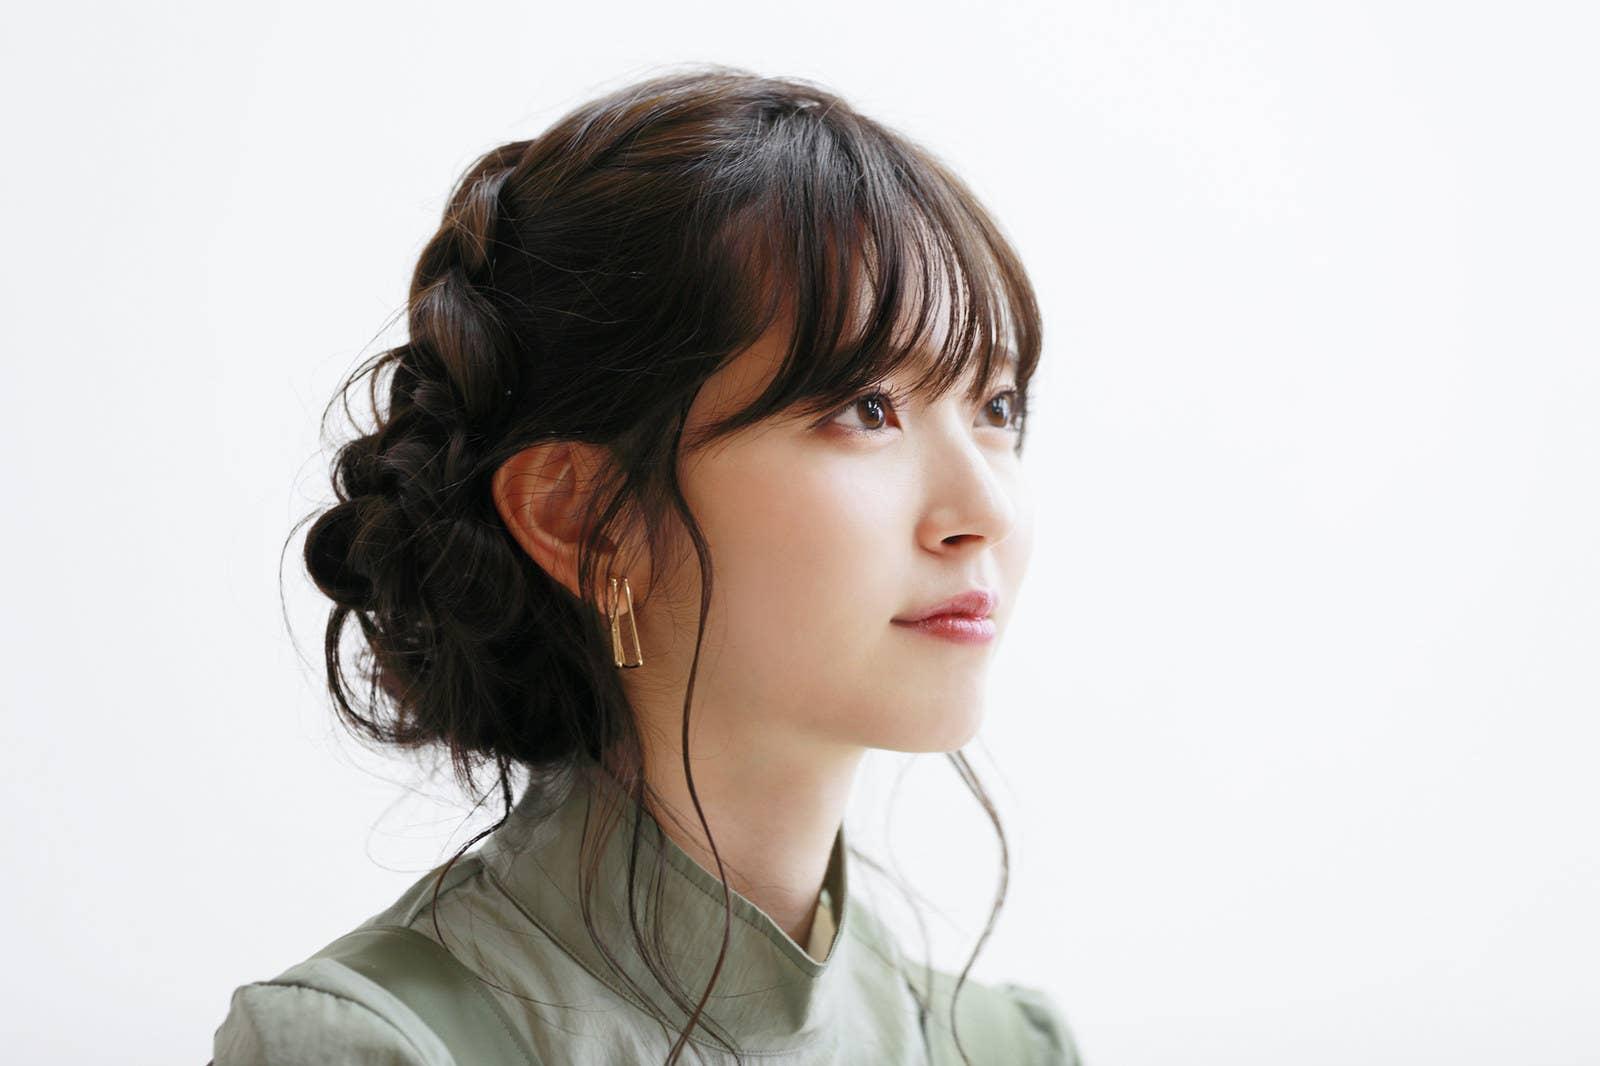 「鈴木愛理」の画像検索結果